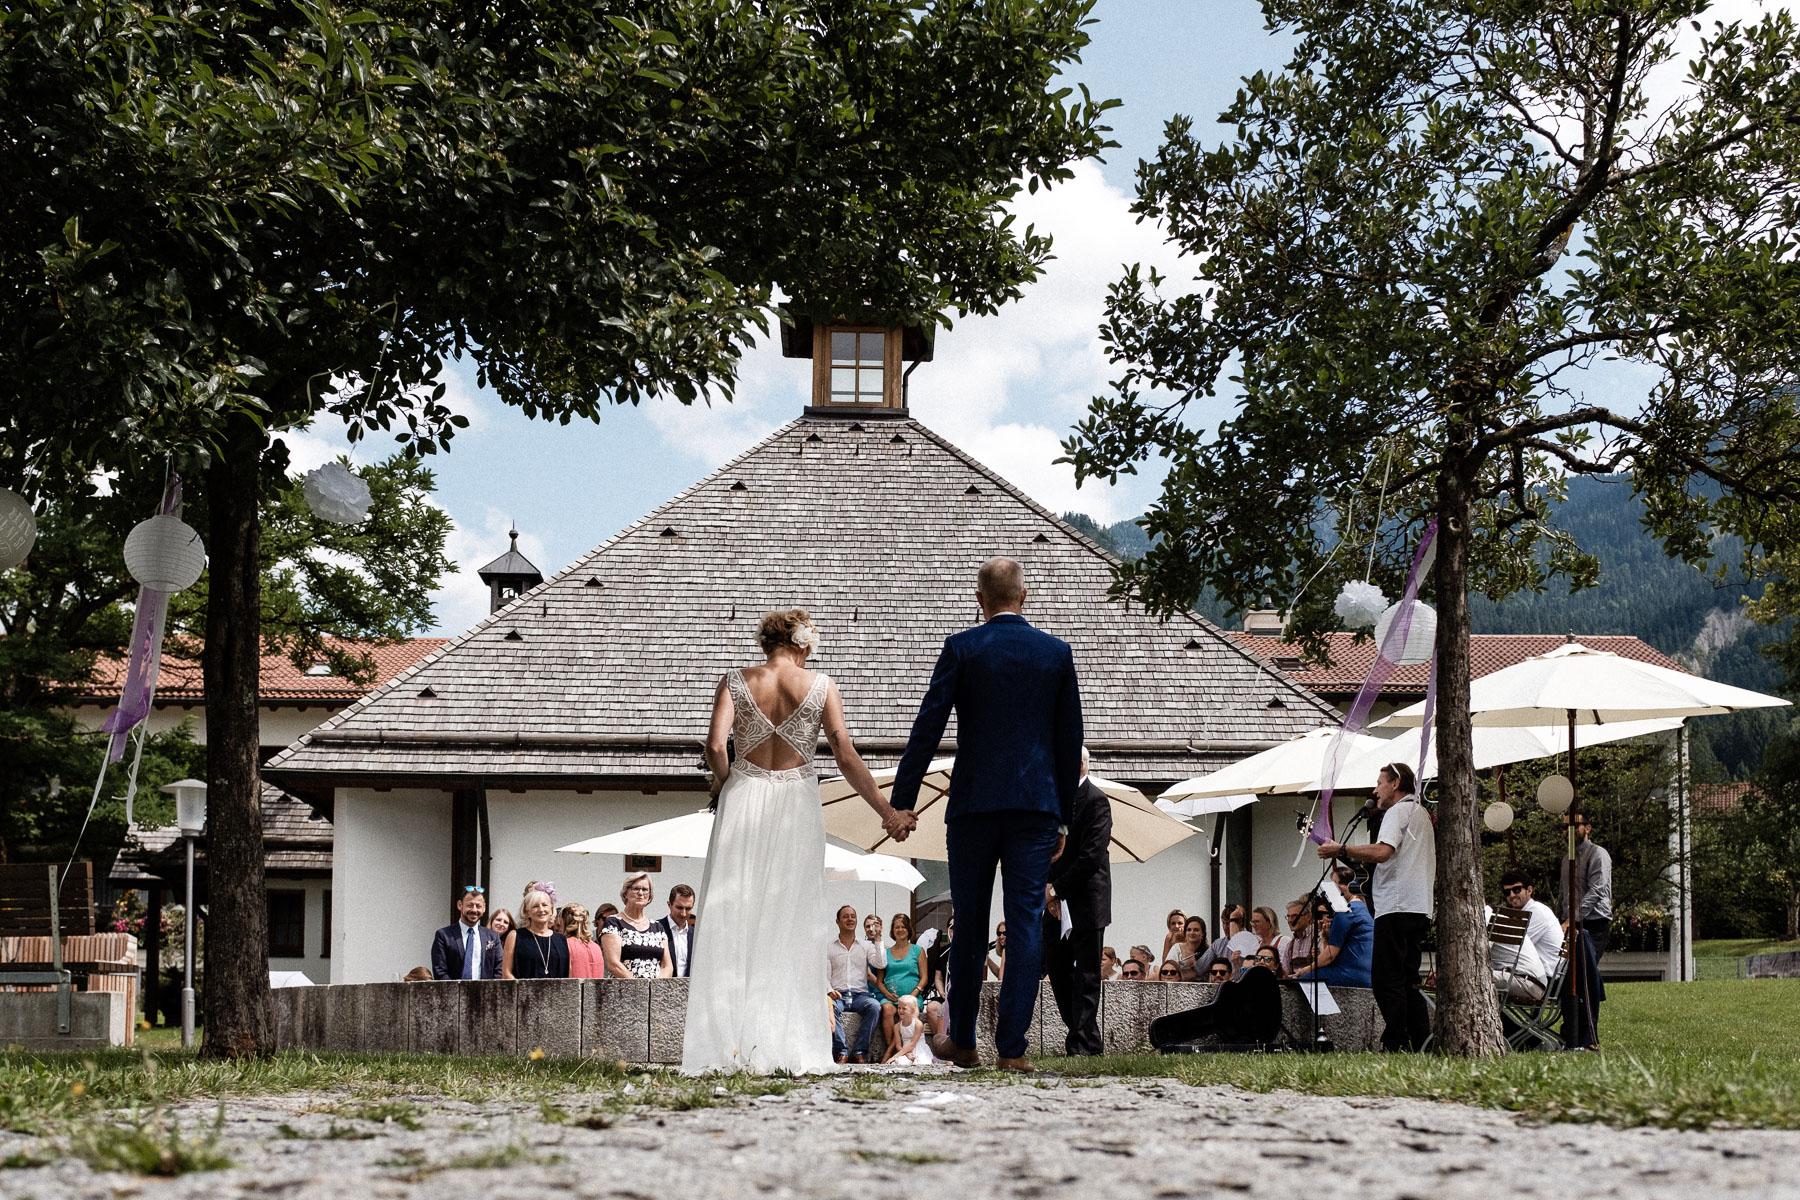 MartinLiebl_Hochzeitsfotograf_LCL_II_Blog_23.jpg